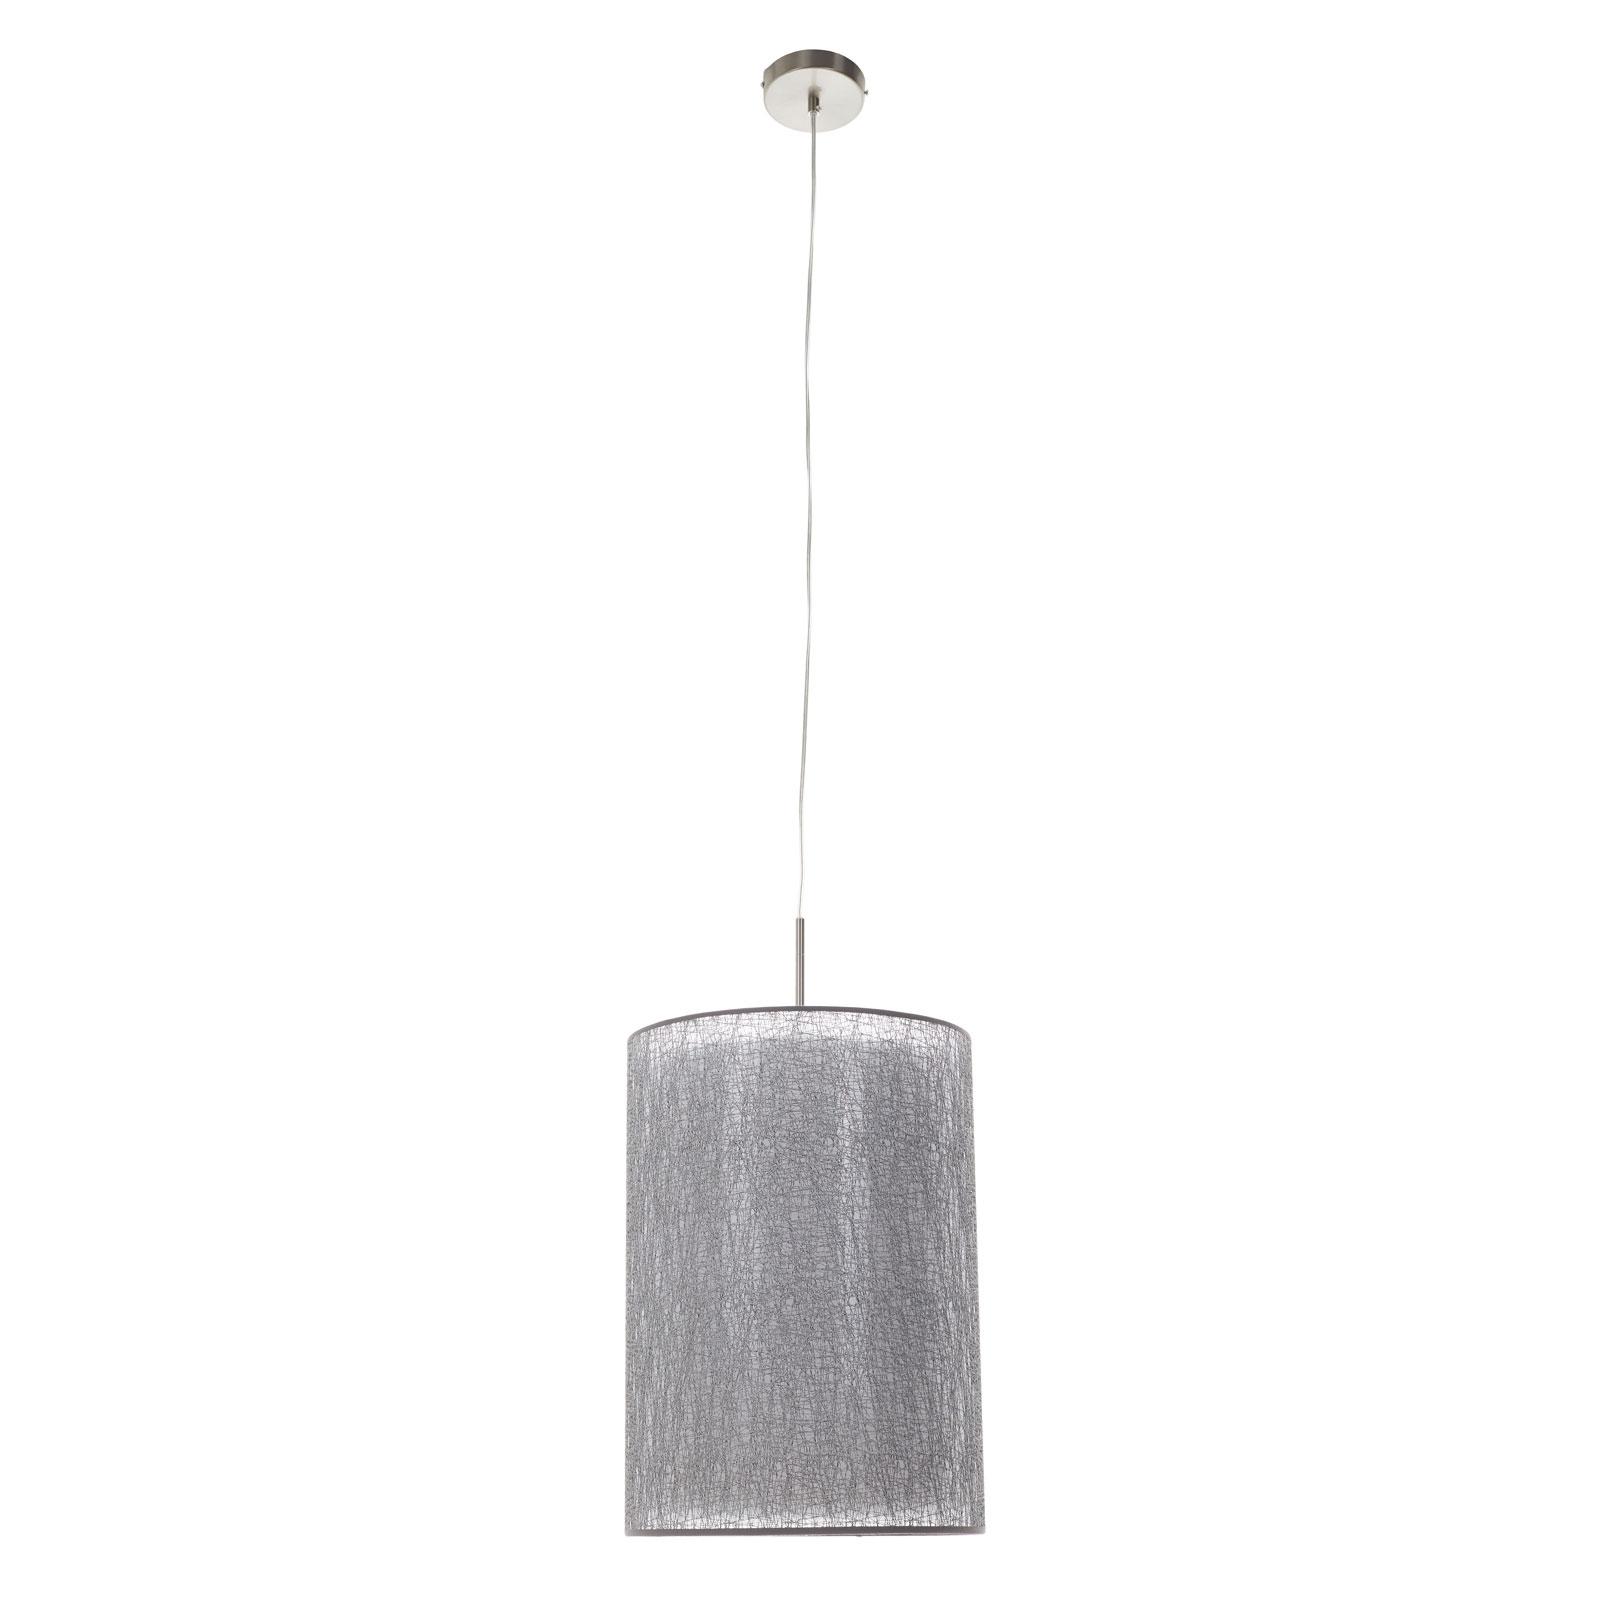 Lámpara colgante Gaas con pantalla textil